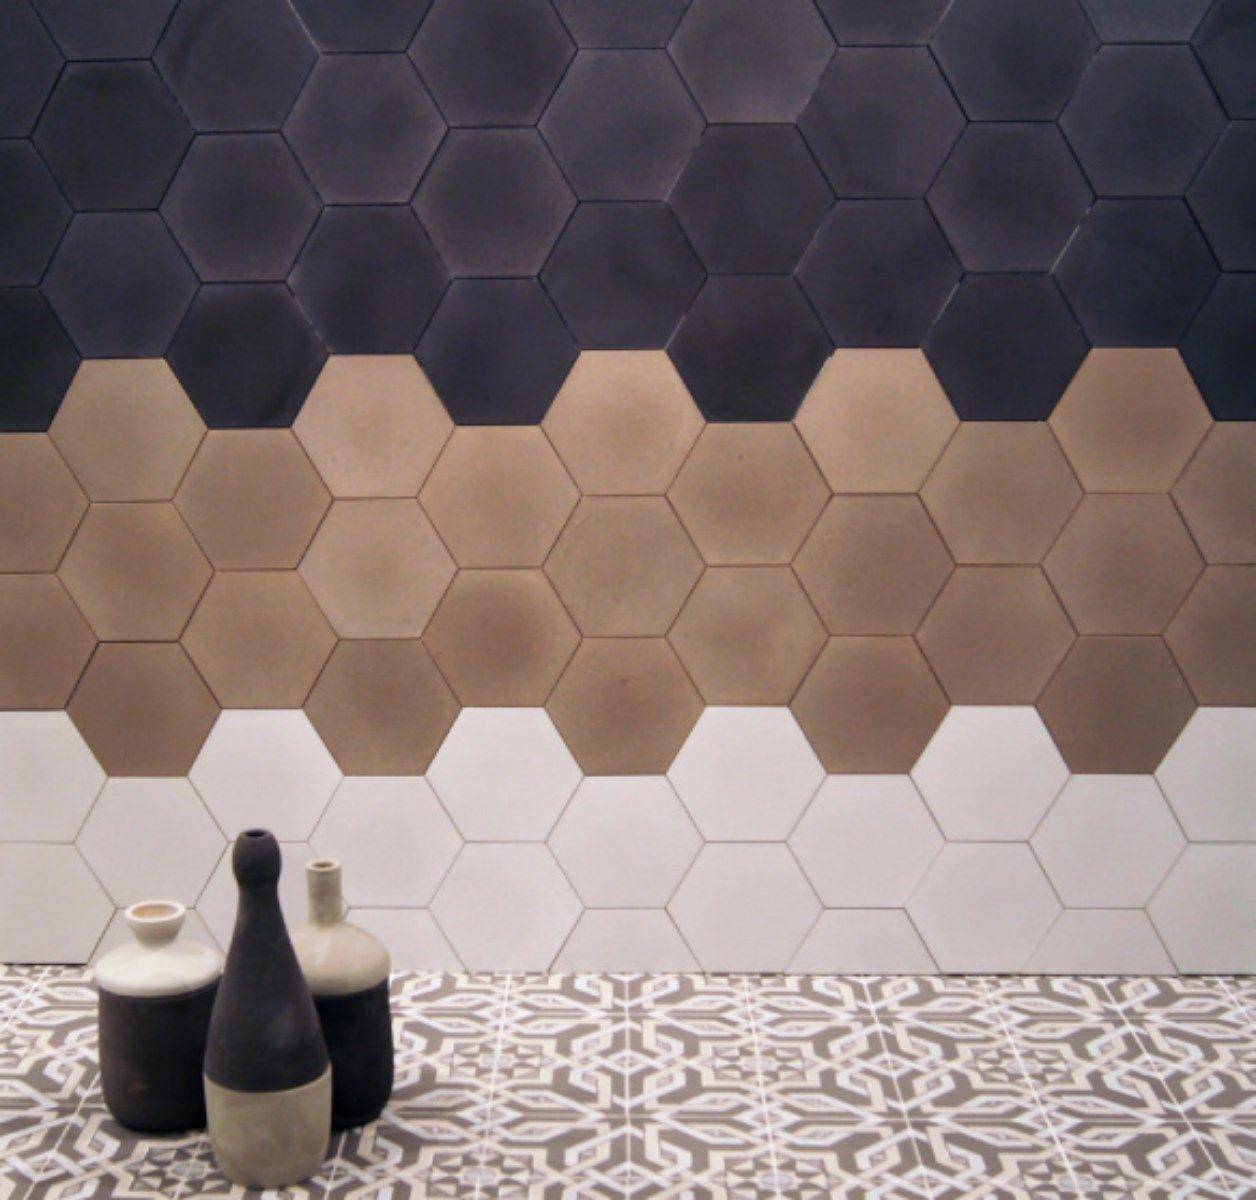 Carreaux De Ciment Avec Images Carreau De Ciment Carreau Decoration Toilettes